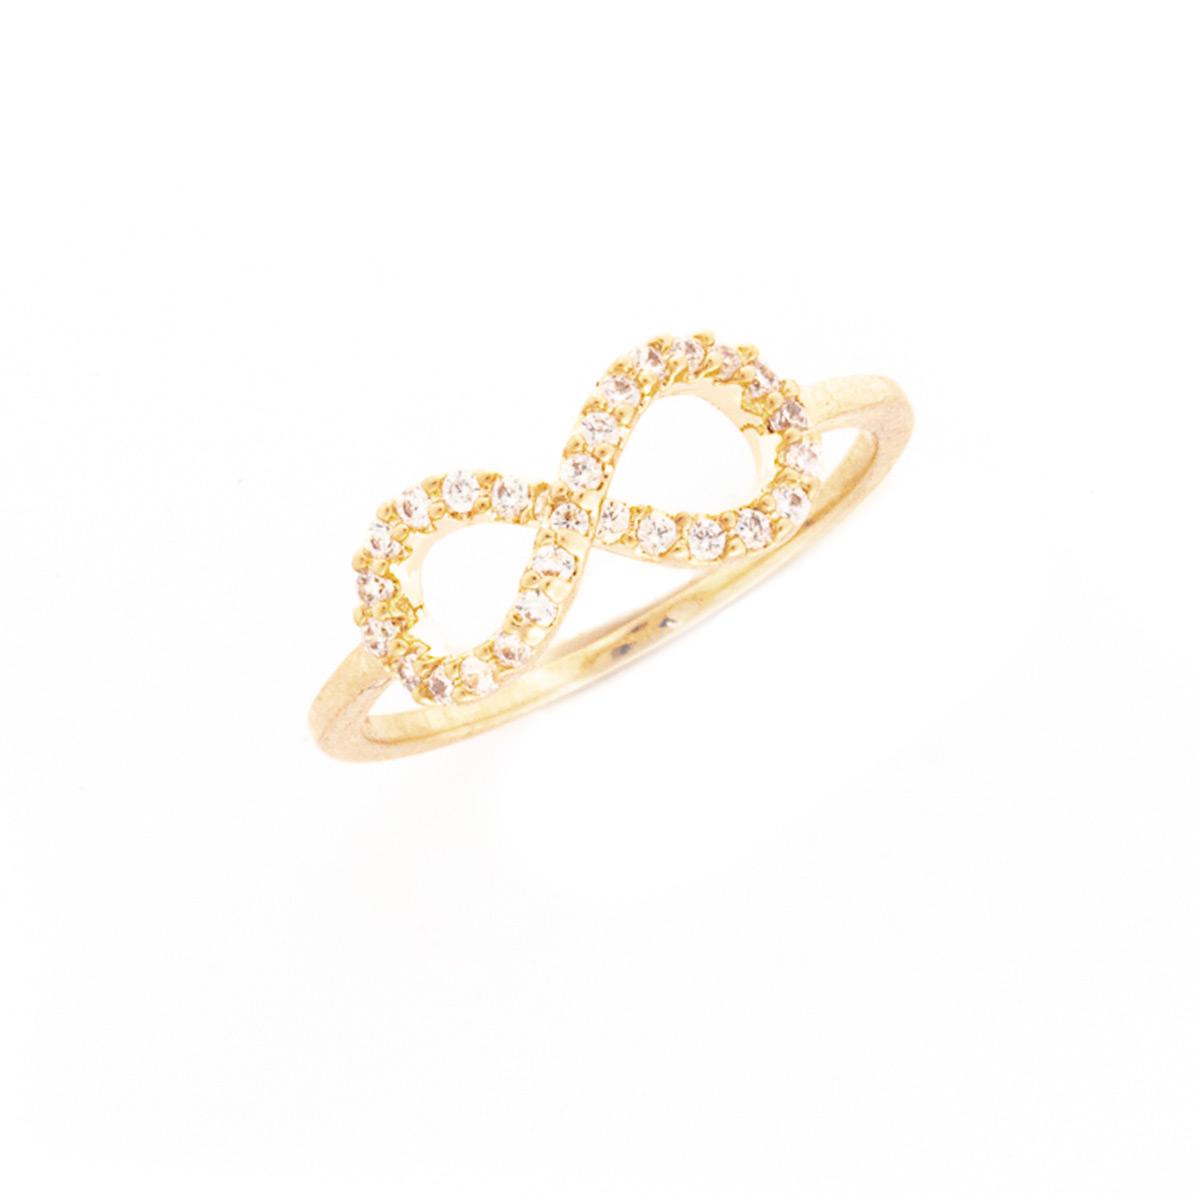 Ring Unendlich mit Zirkonia Steinen rosé vergoldet